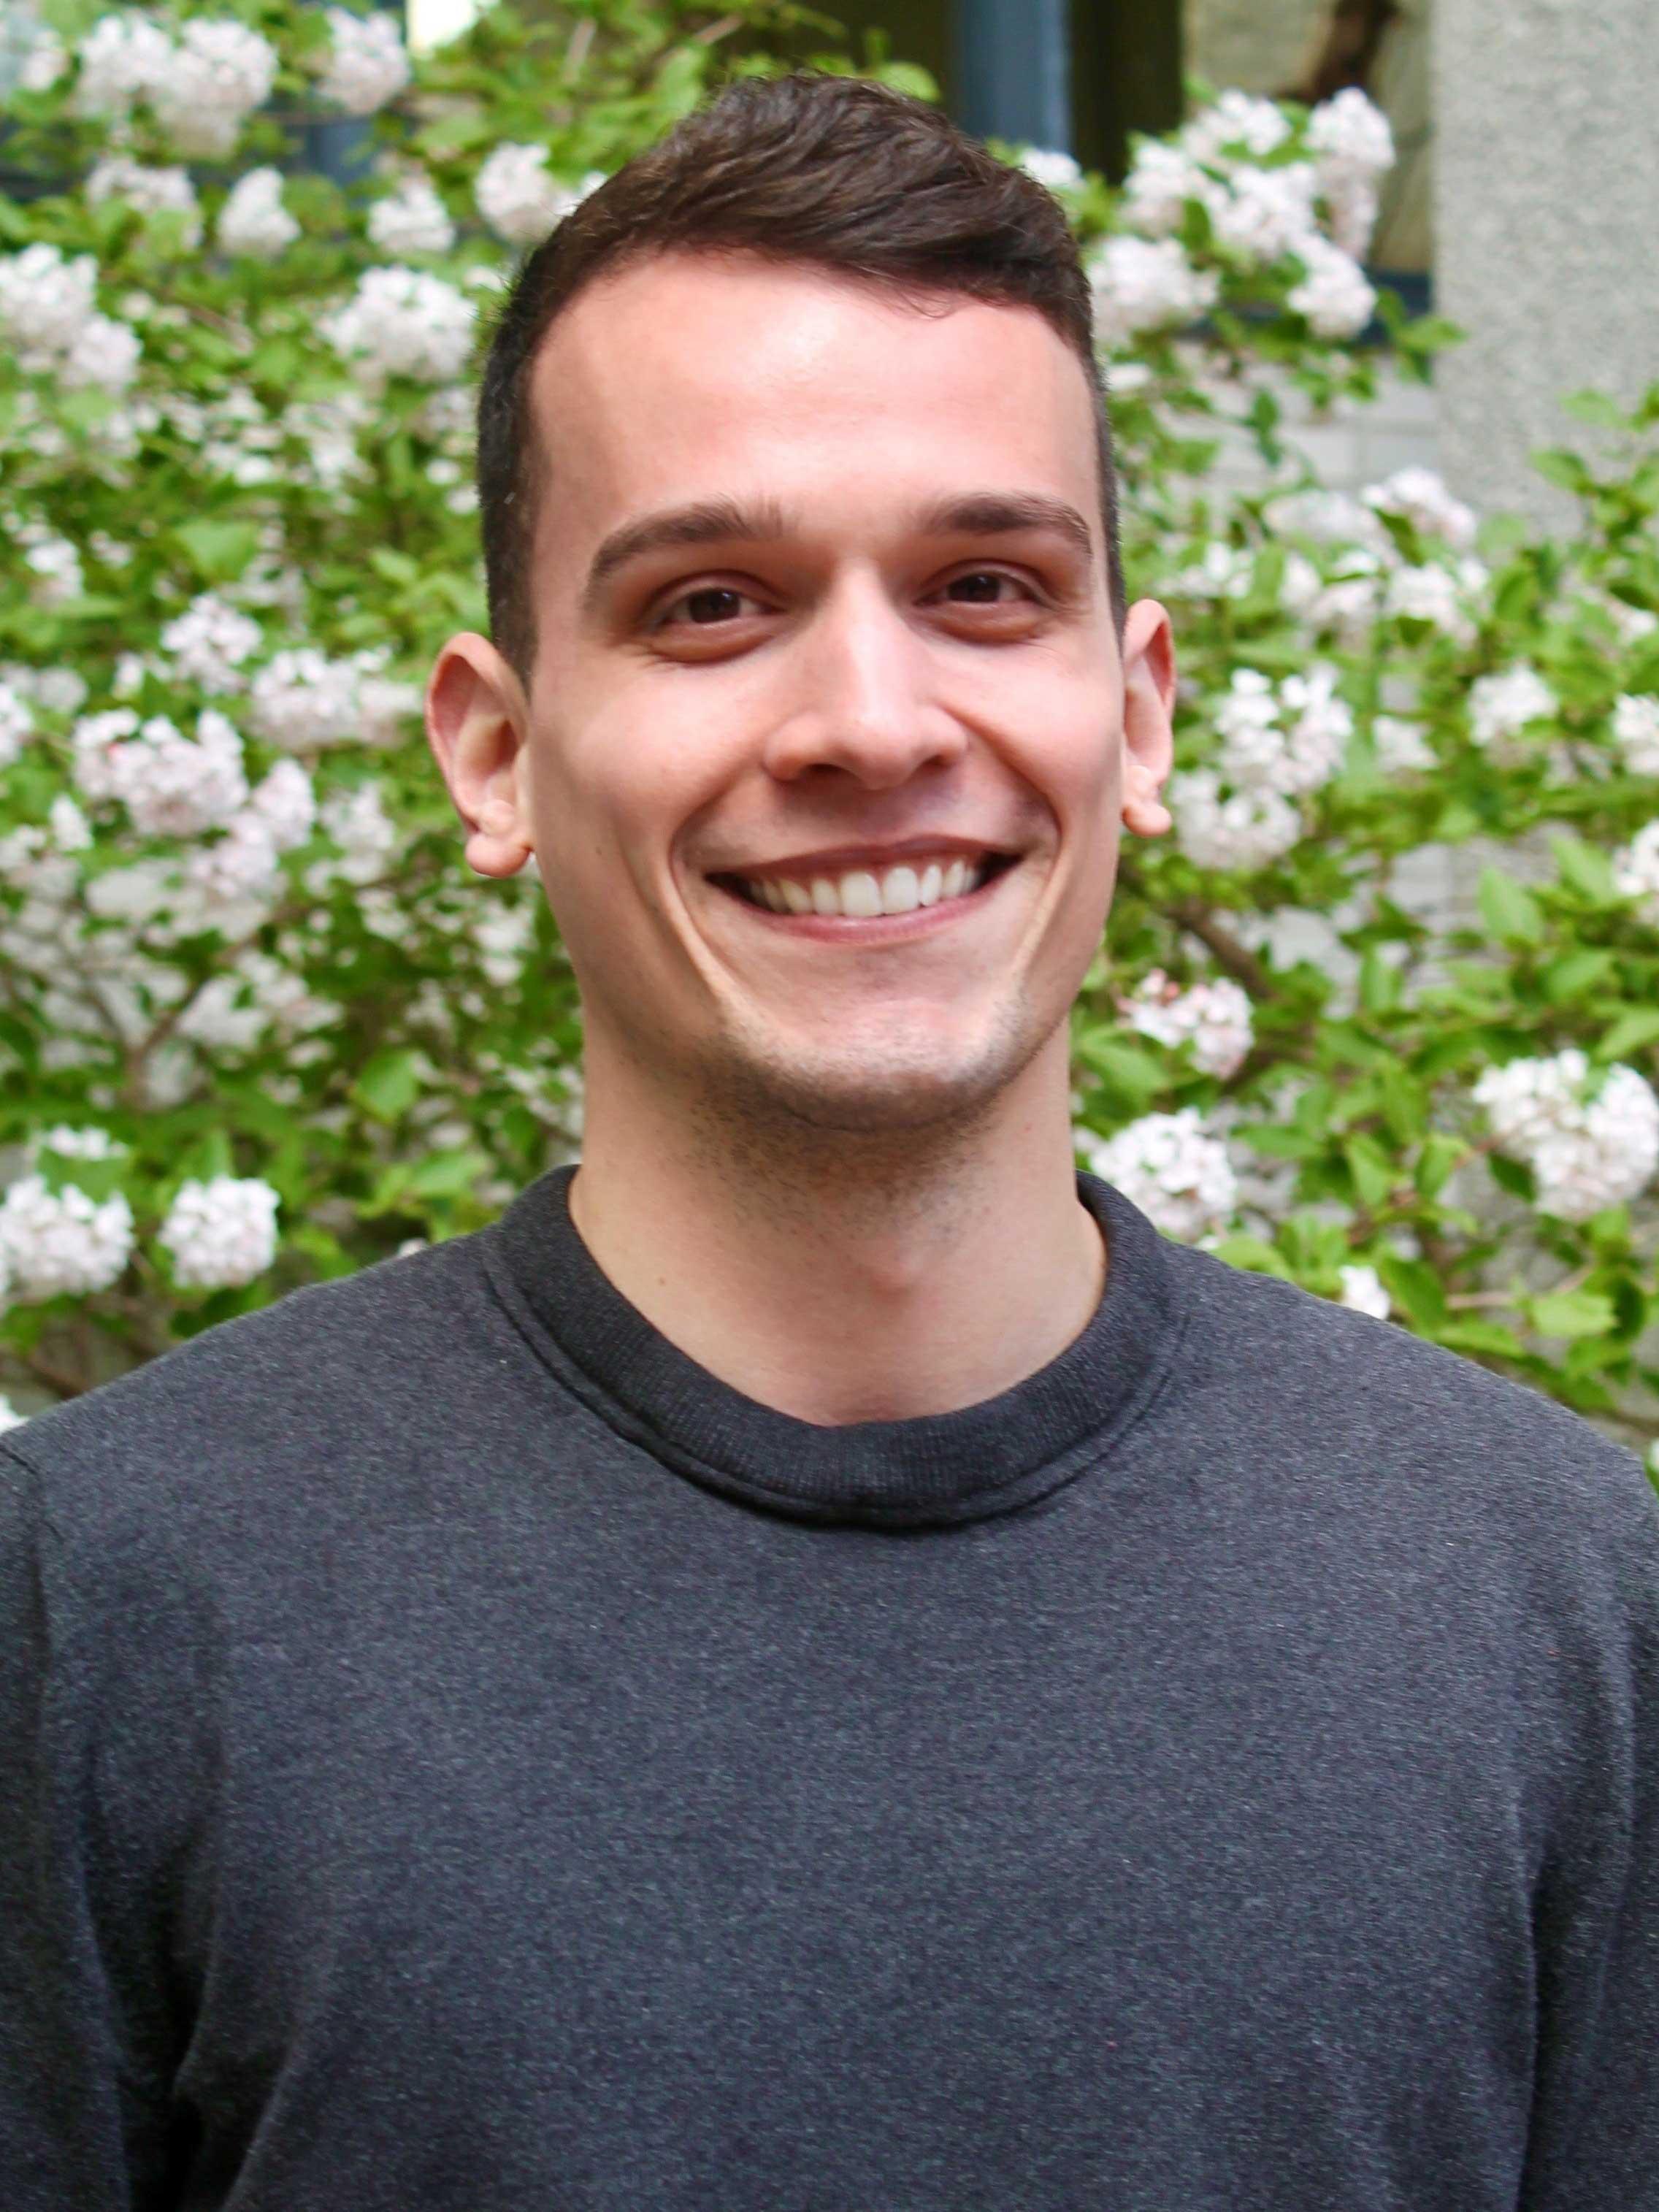 Andrew Manchino